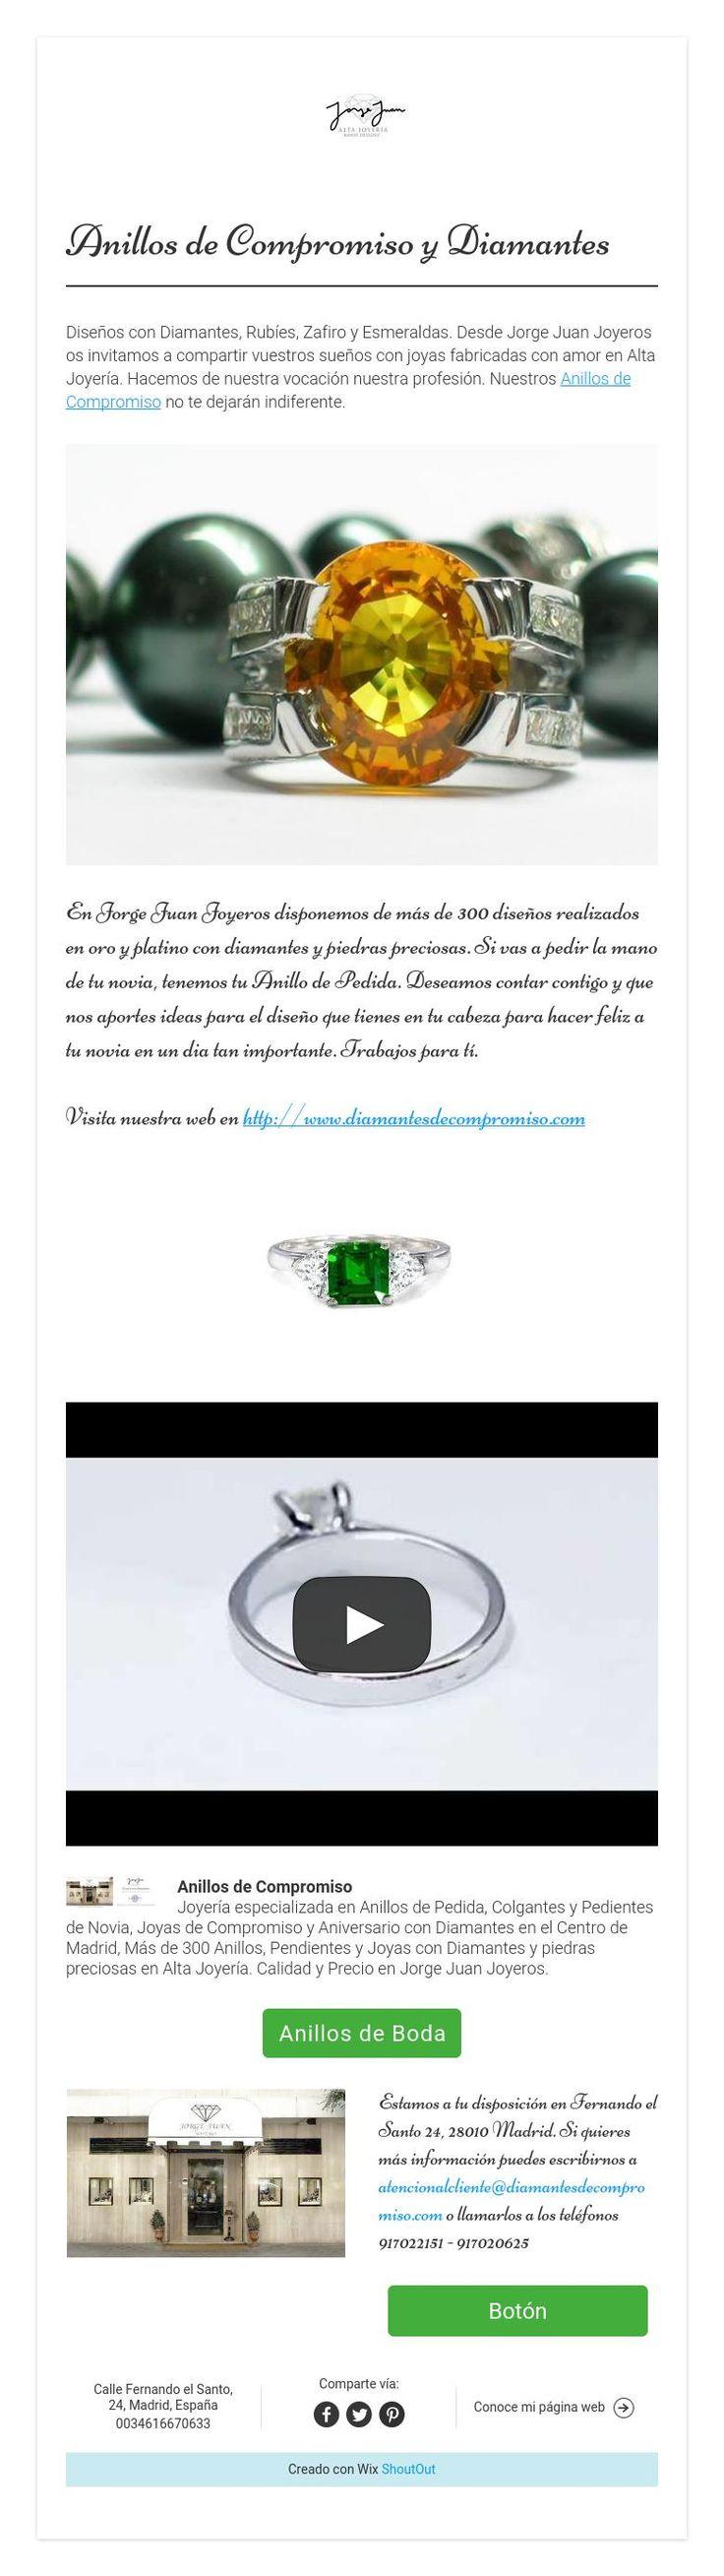 Anillos de Compromiso y Diamantes